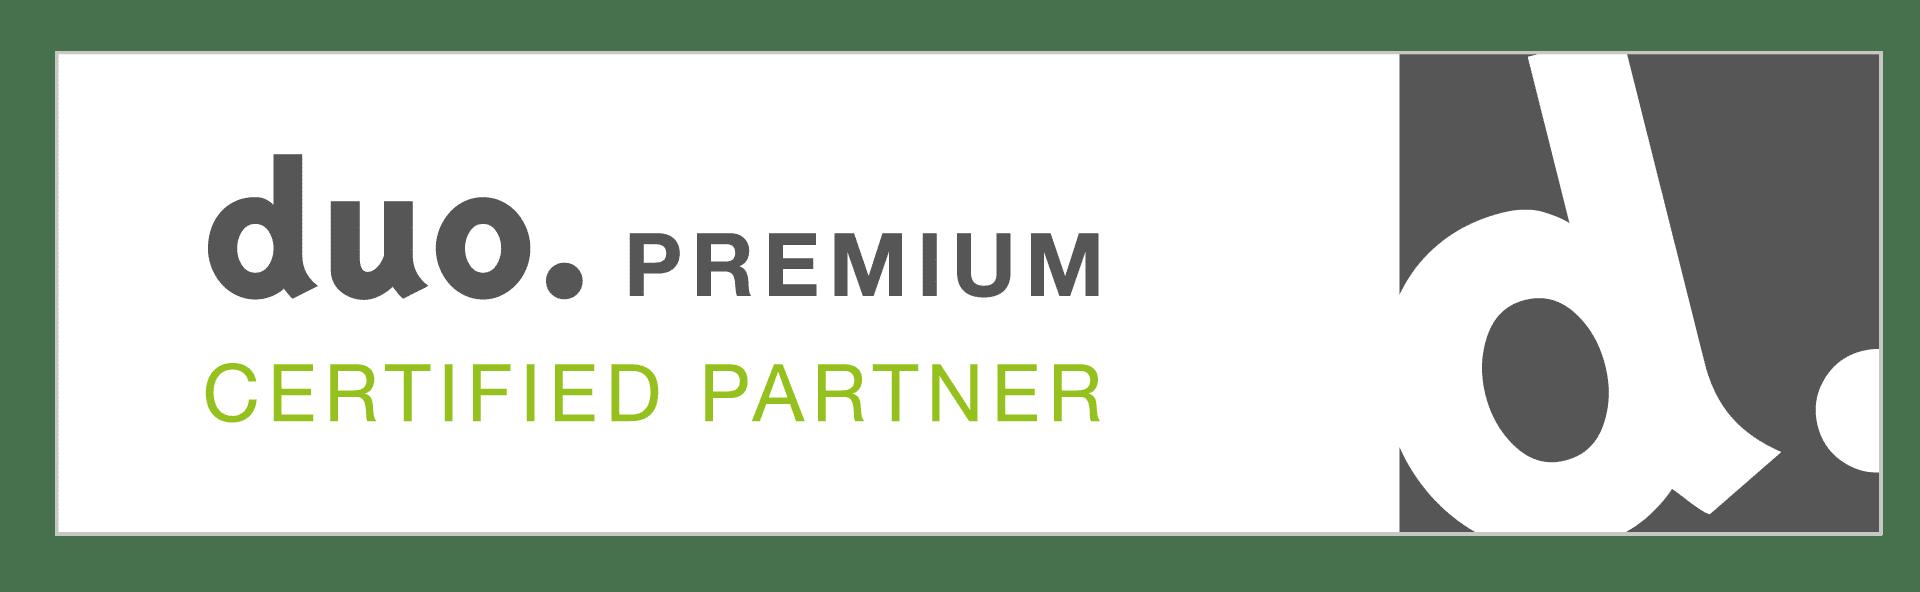 mkg_logo_duo_partner_premium